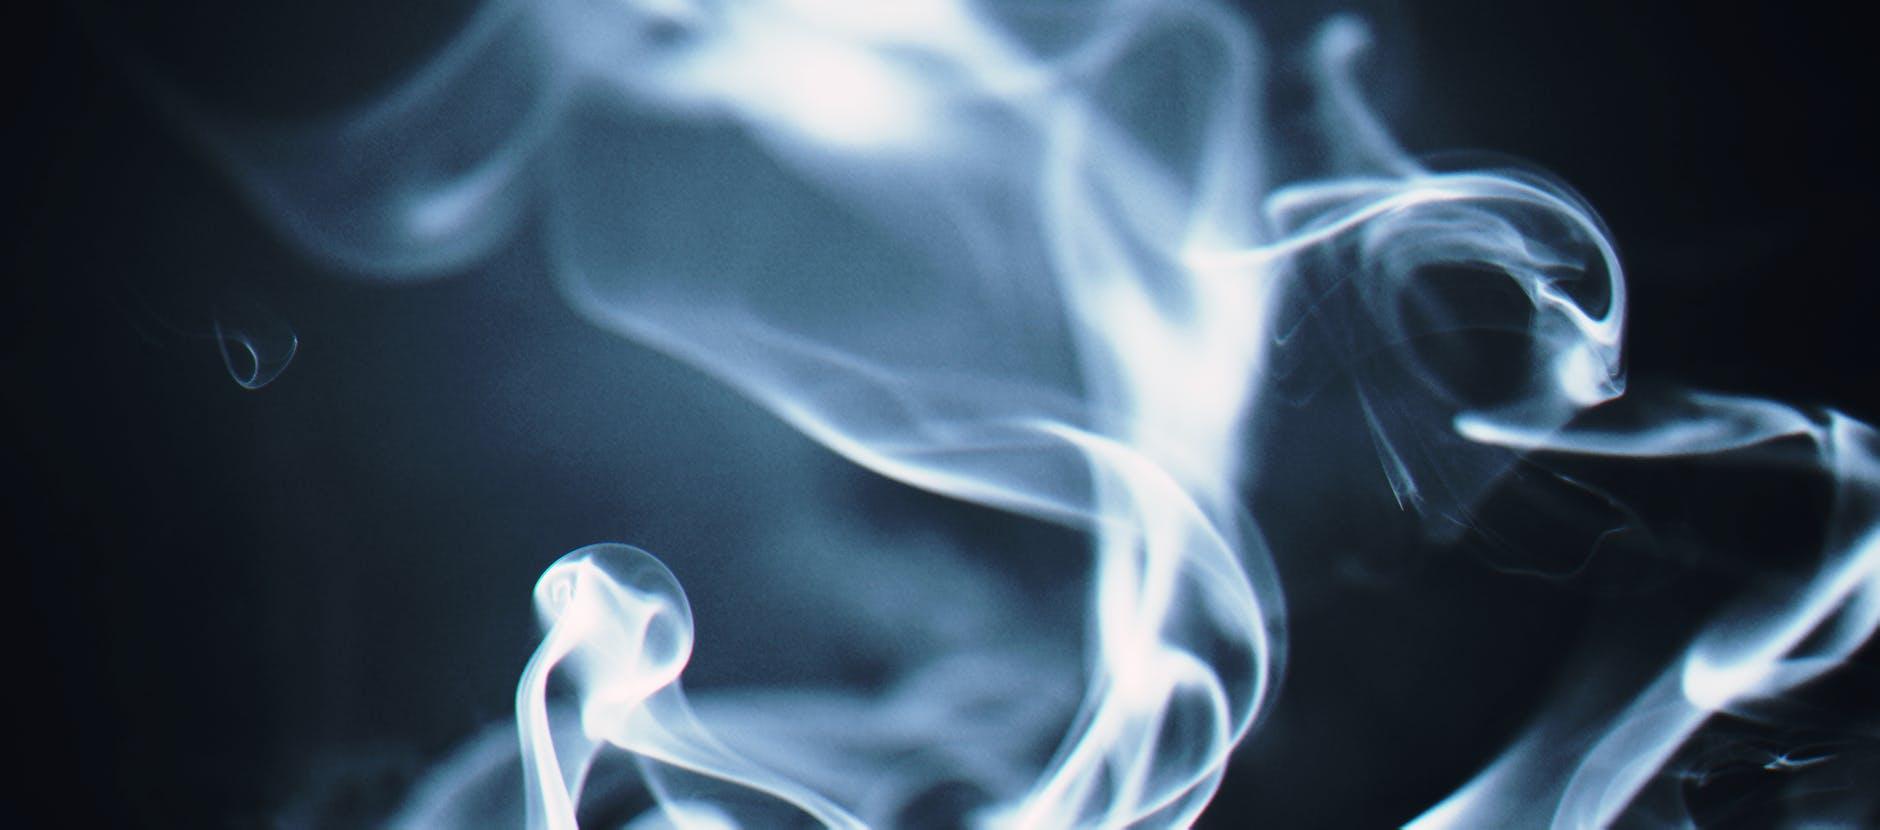 Cigarette électronique ? offre-t-elle une vape propre ?